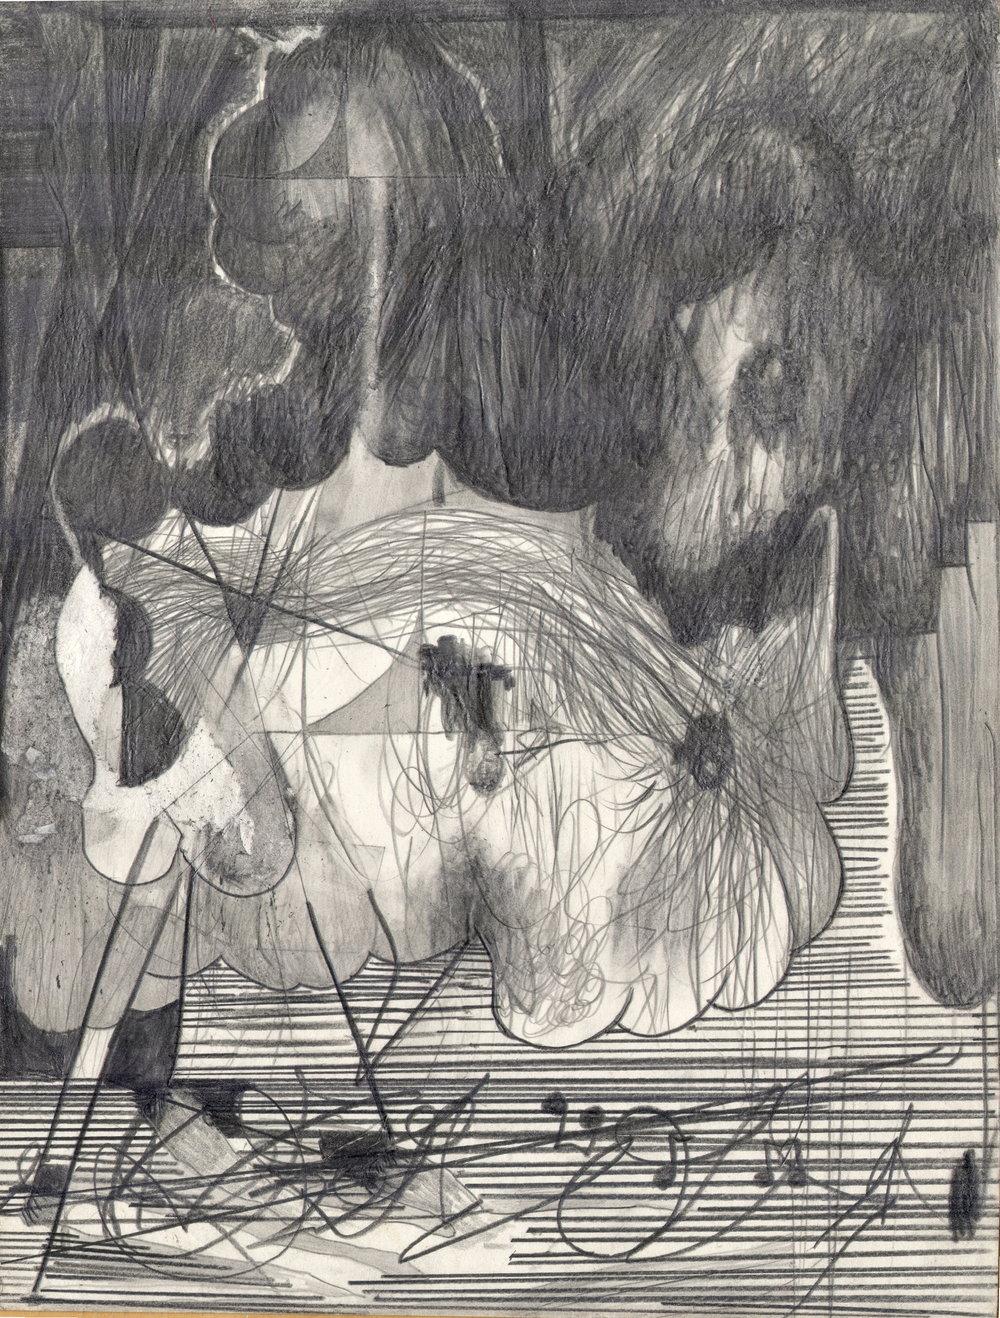 O.T, 2012  Bleistift auf Papier, 26x35.5cm